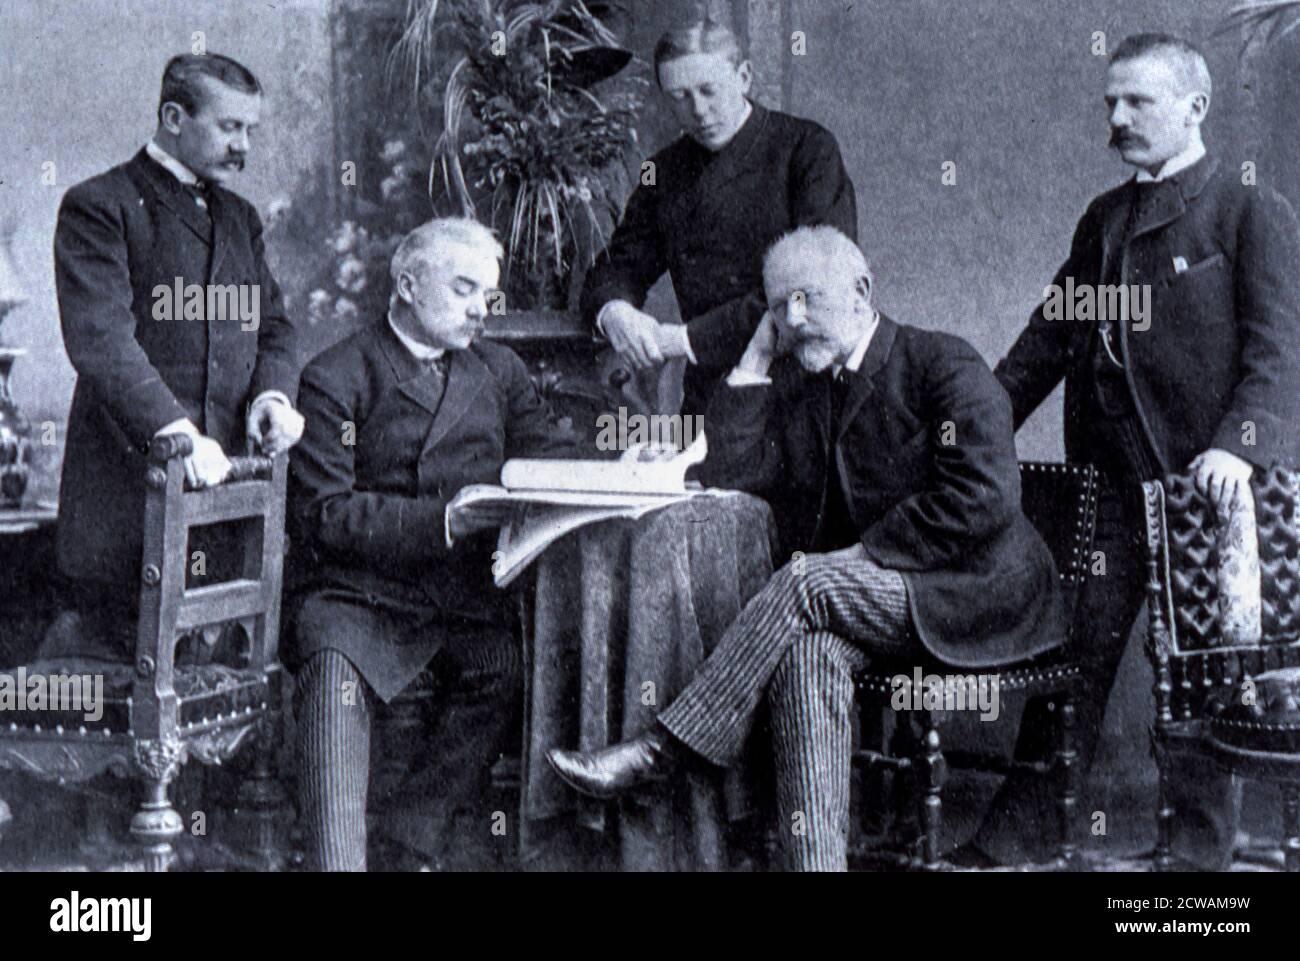 pyotr ilyich tchaikovsky avec ses frères, 1890 Banque D'Images